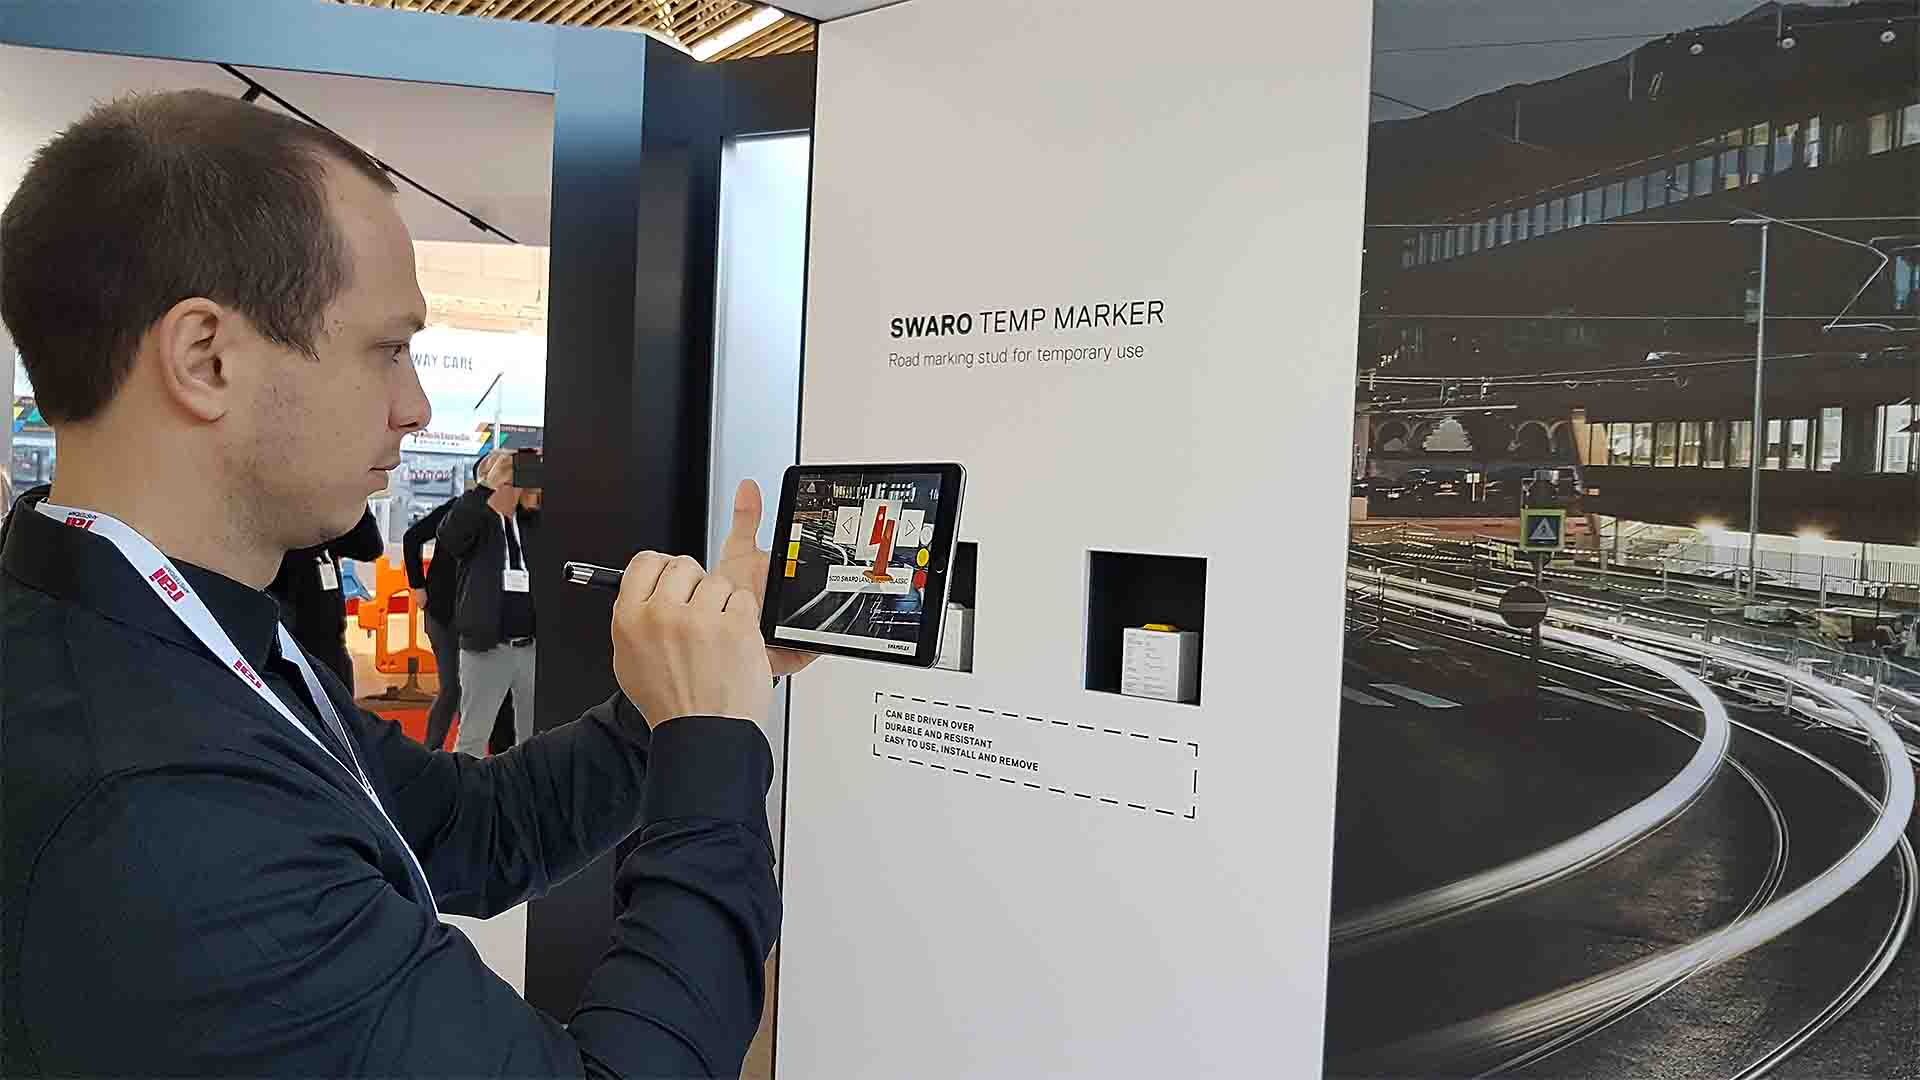 Swareflex erweitert mit Augmented Reality seine Messestände und schafft dadurch mehr Interaktionsmöglichkeiten.